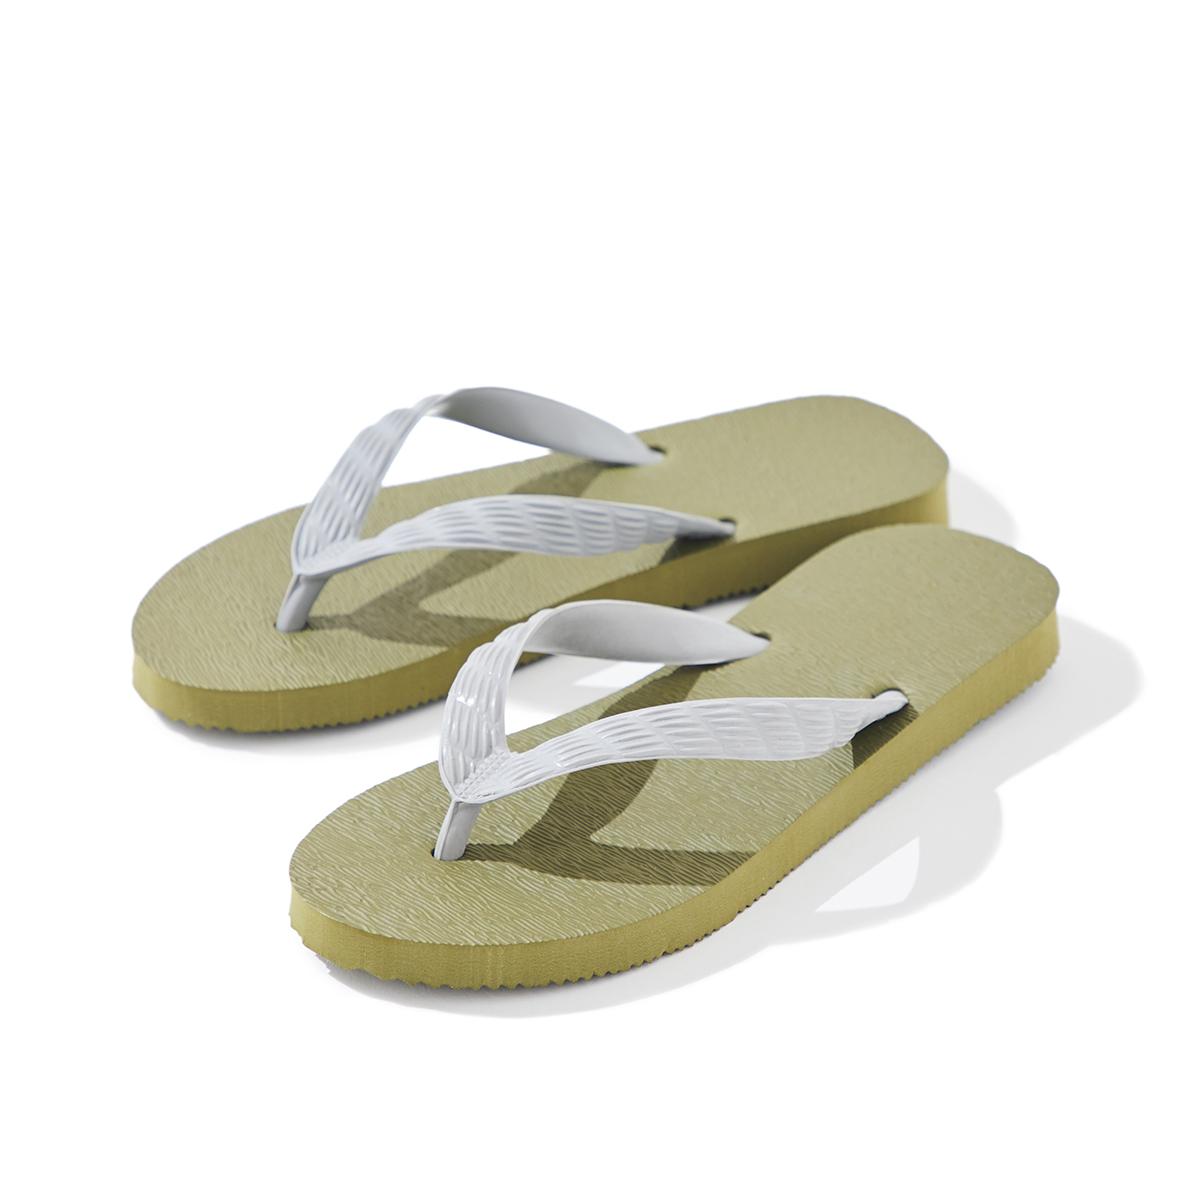 """""""裸足より気持ちいい""""ビーチサンダル 《Lサイズ 27cm》日本人の足型に沿った、歩きやすいビーチサンダル"""